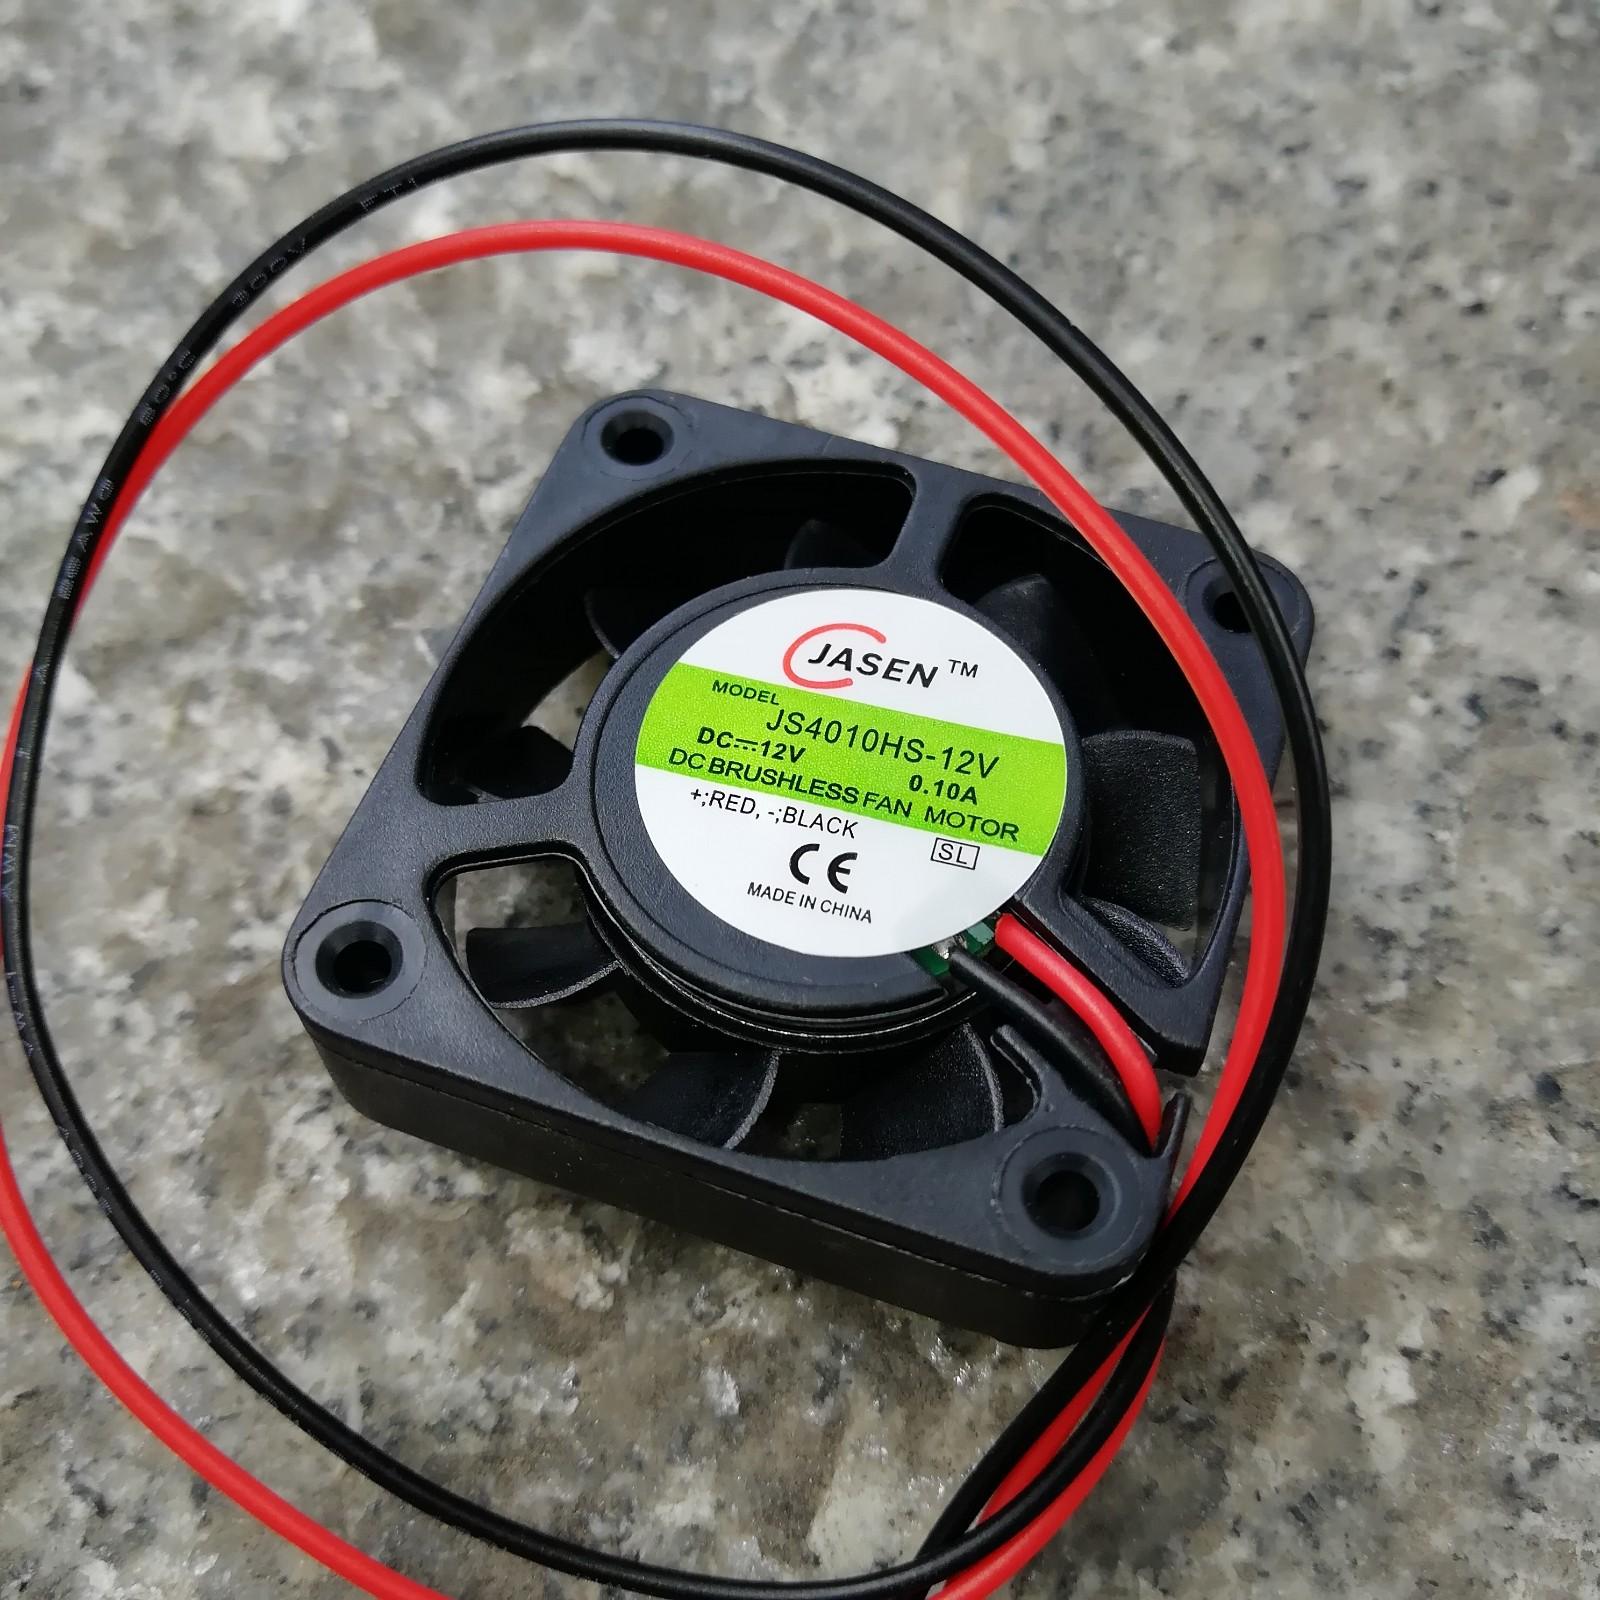 4010 вентилятор 4 см вентилятор 4CM 12V0.10A излучающий вентилятор 2P линия